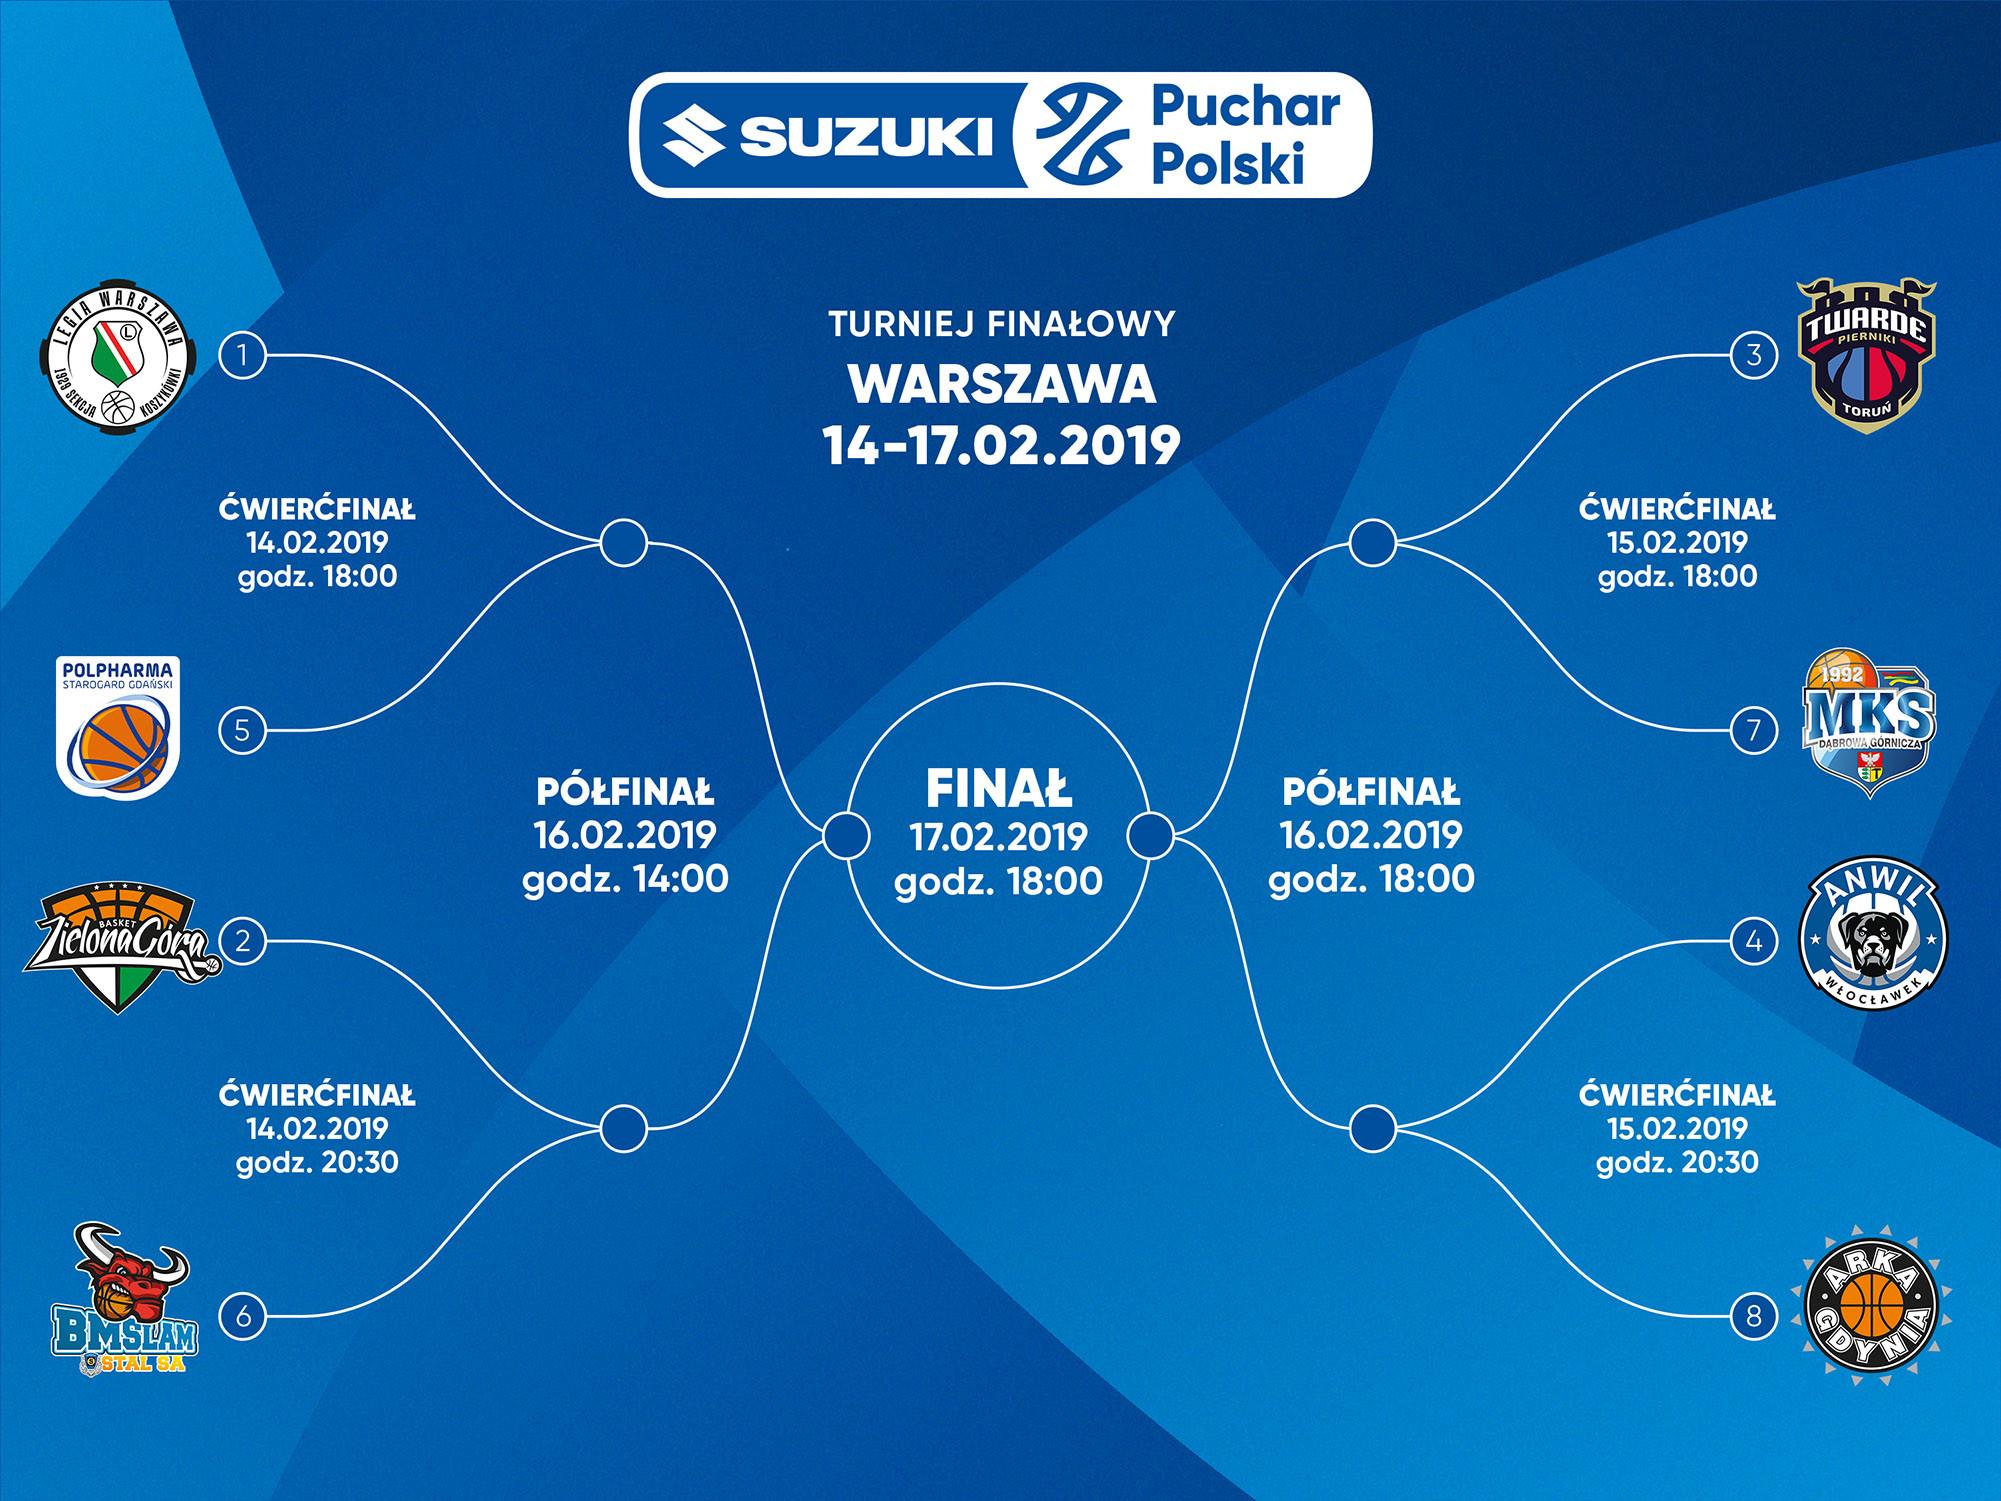 Puchar Polski koszykówka 2019